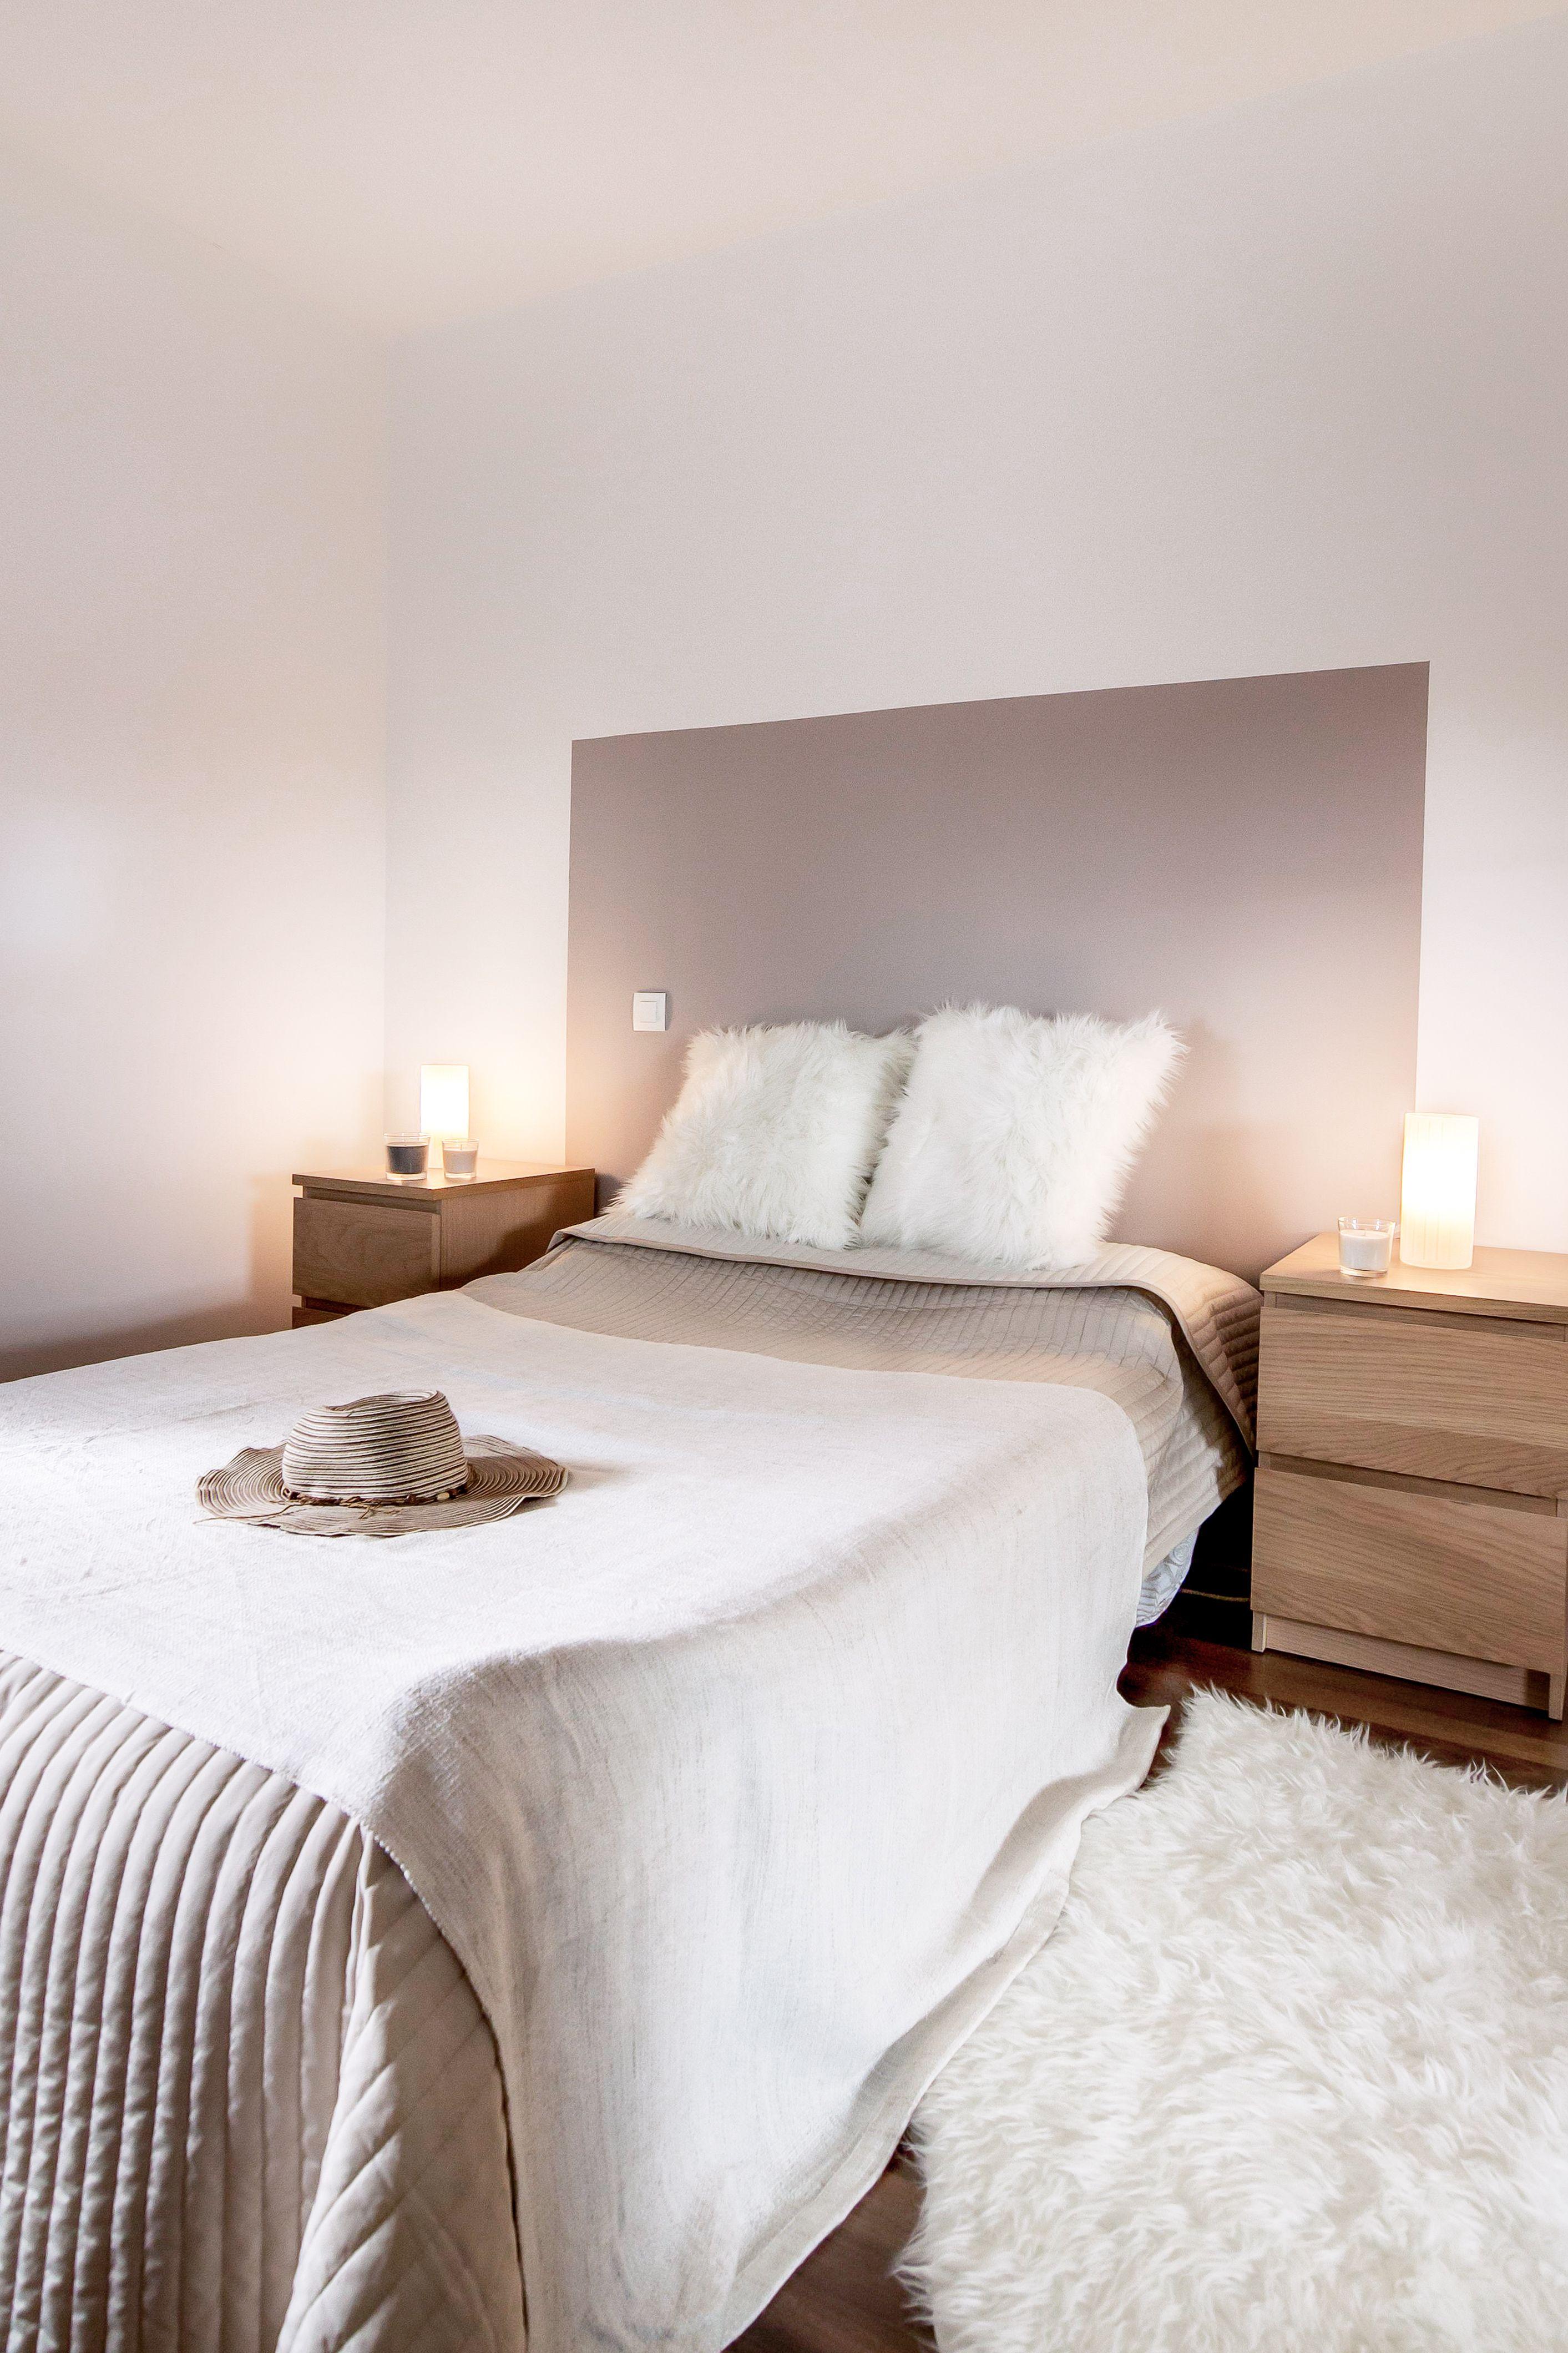 chambre decoration taupe et blanc beige bois diy tete de lit peinture chambre cocooning cosy tapis et coussin fourrure ikea